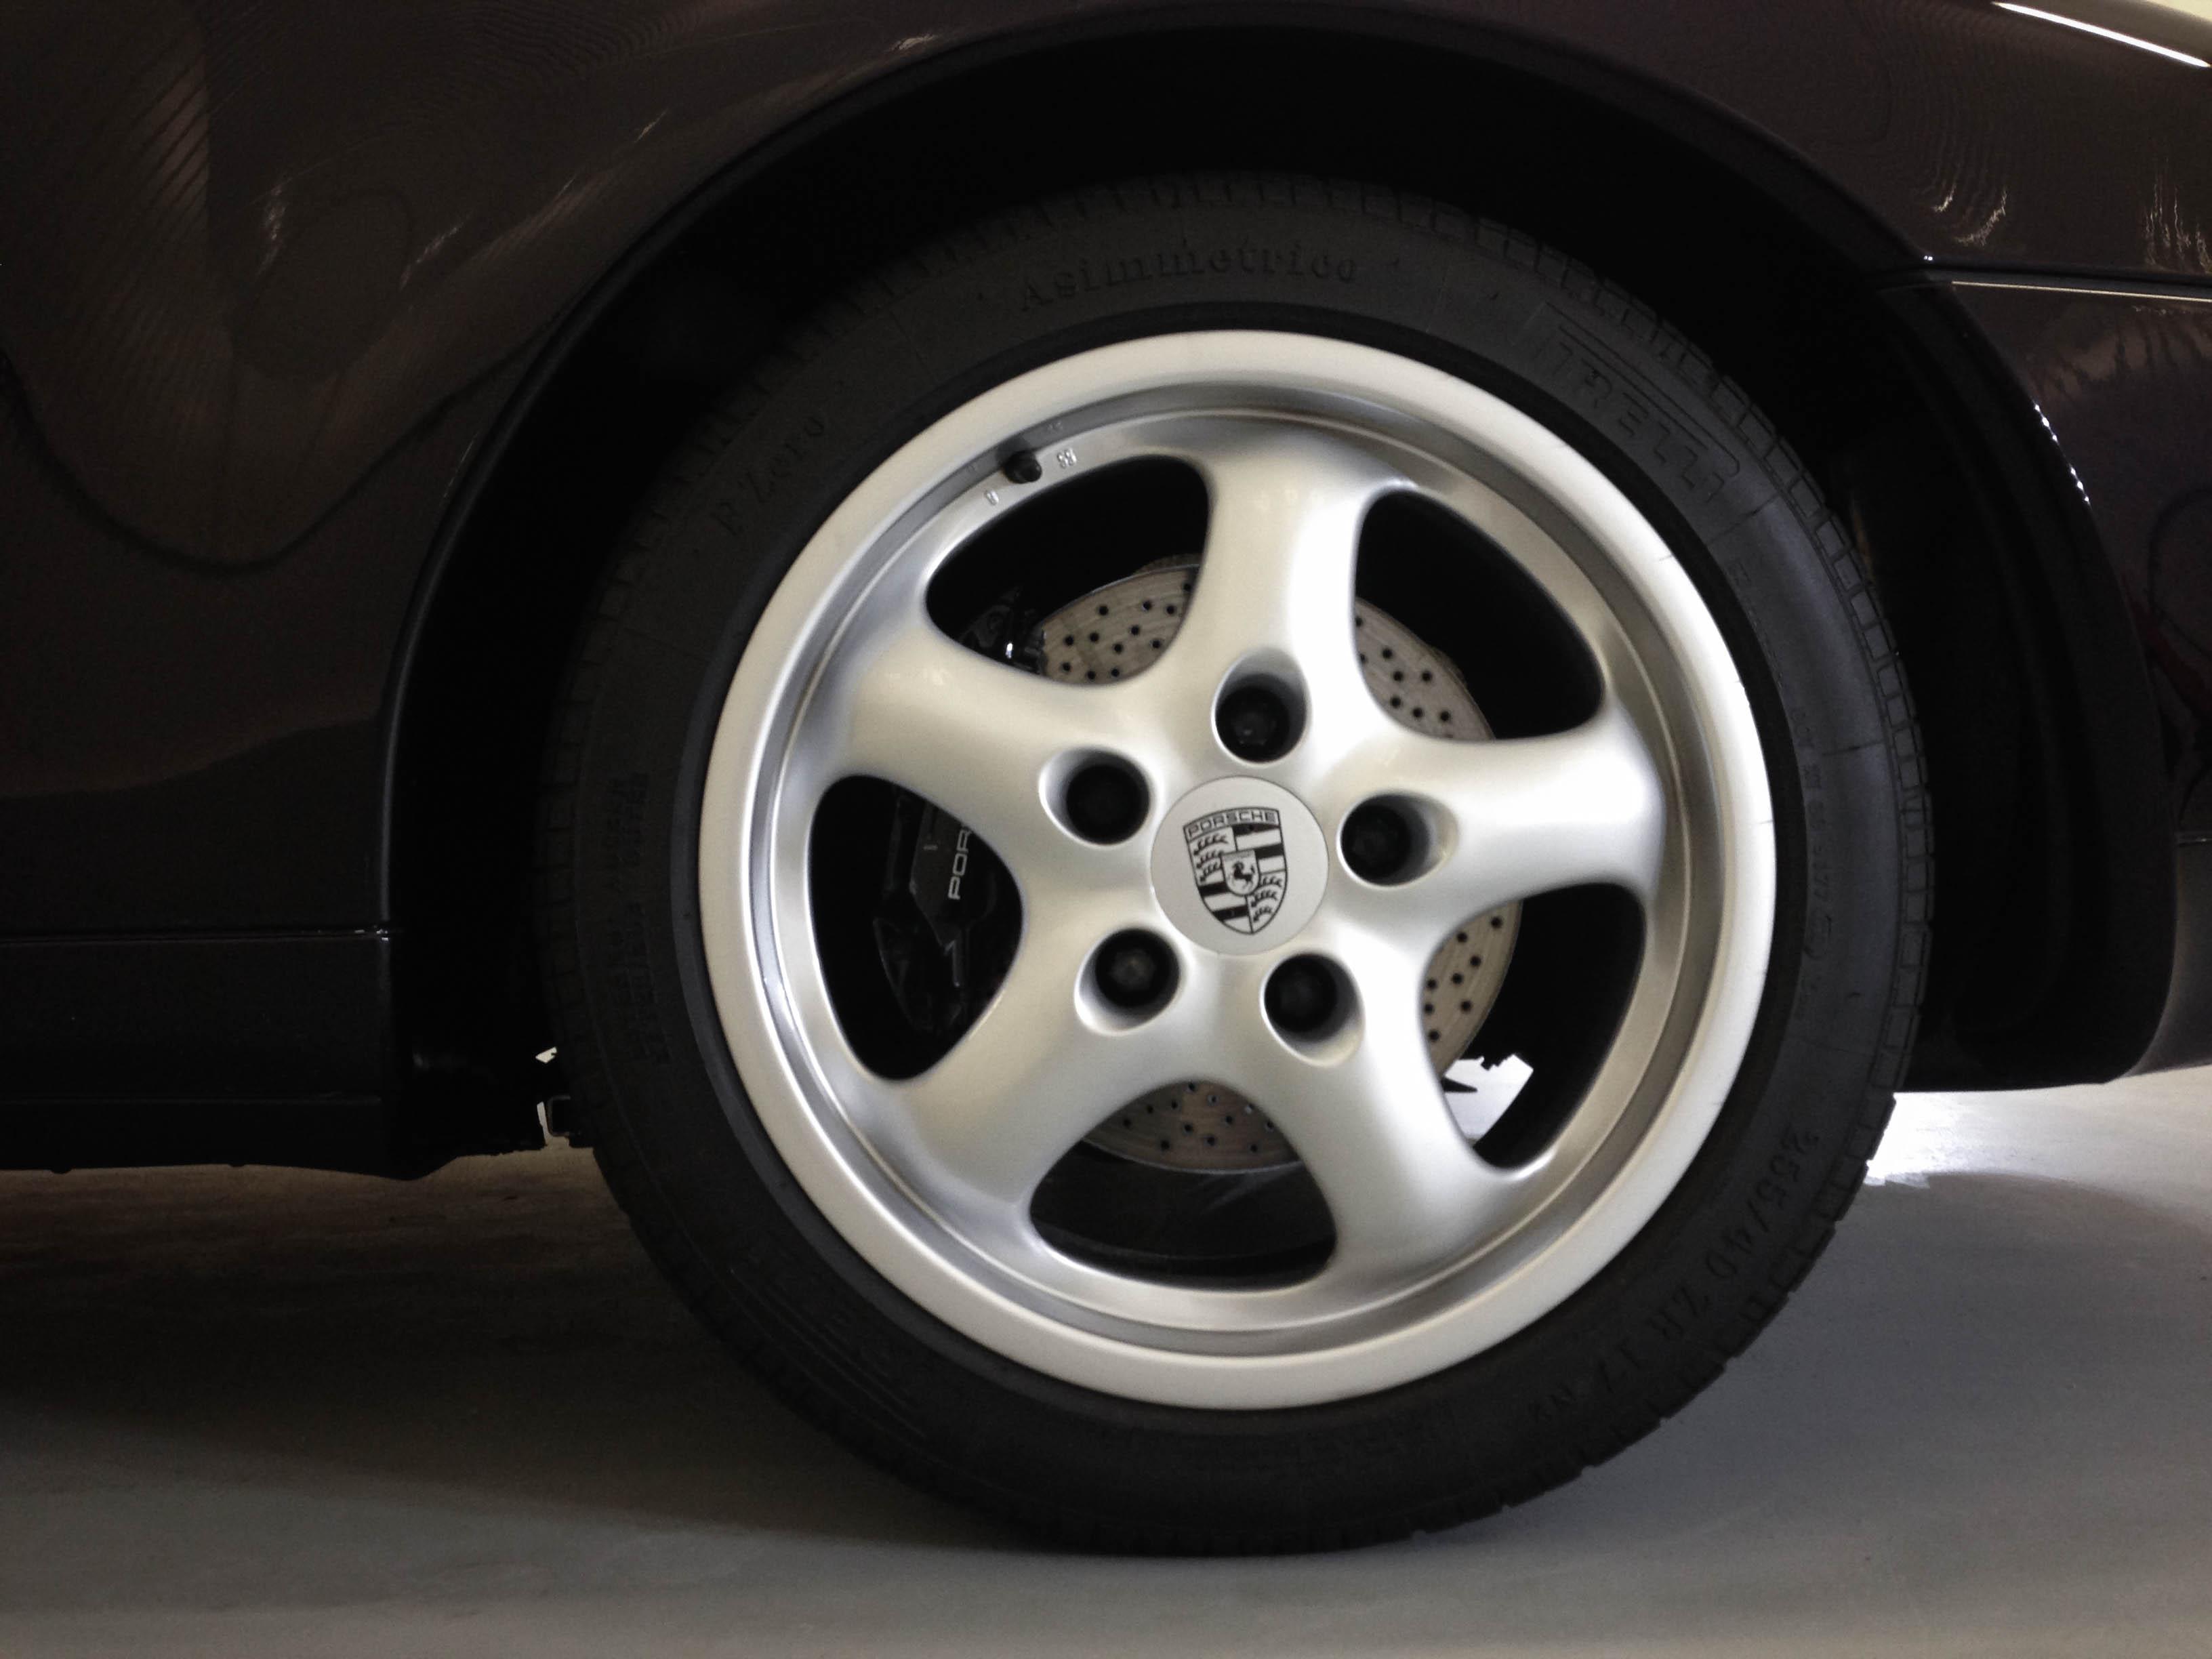 Porsche 993S – Wheel refurbished